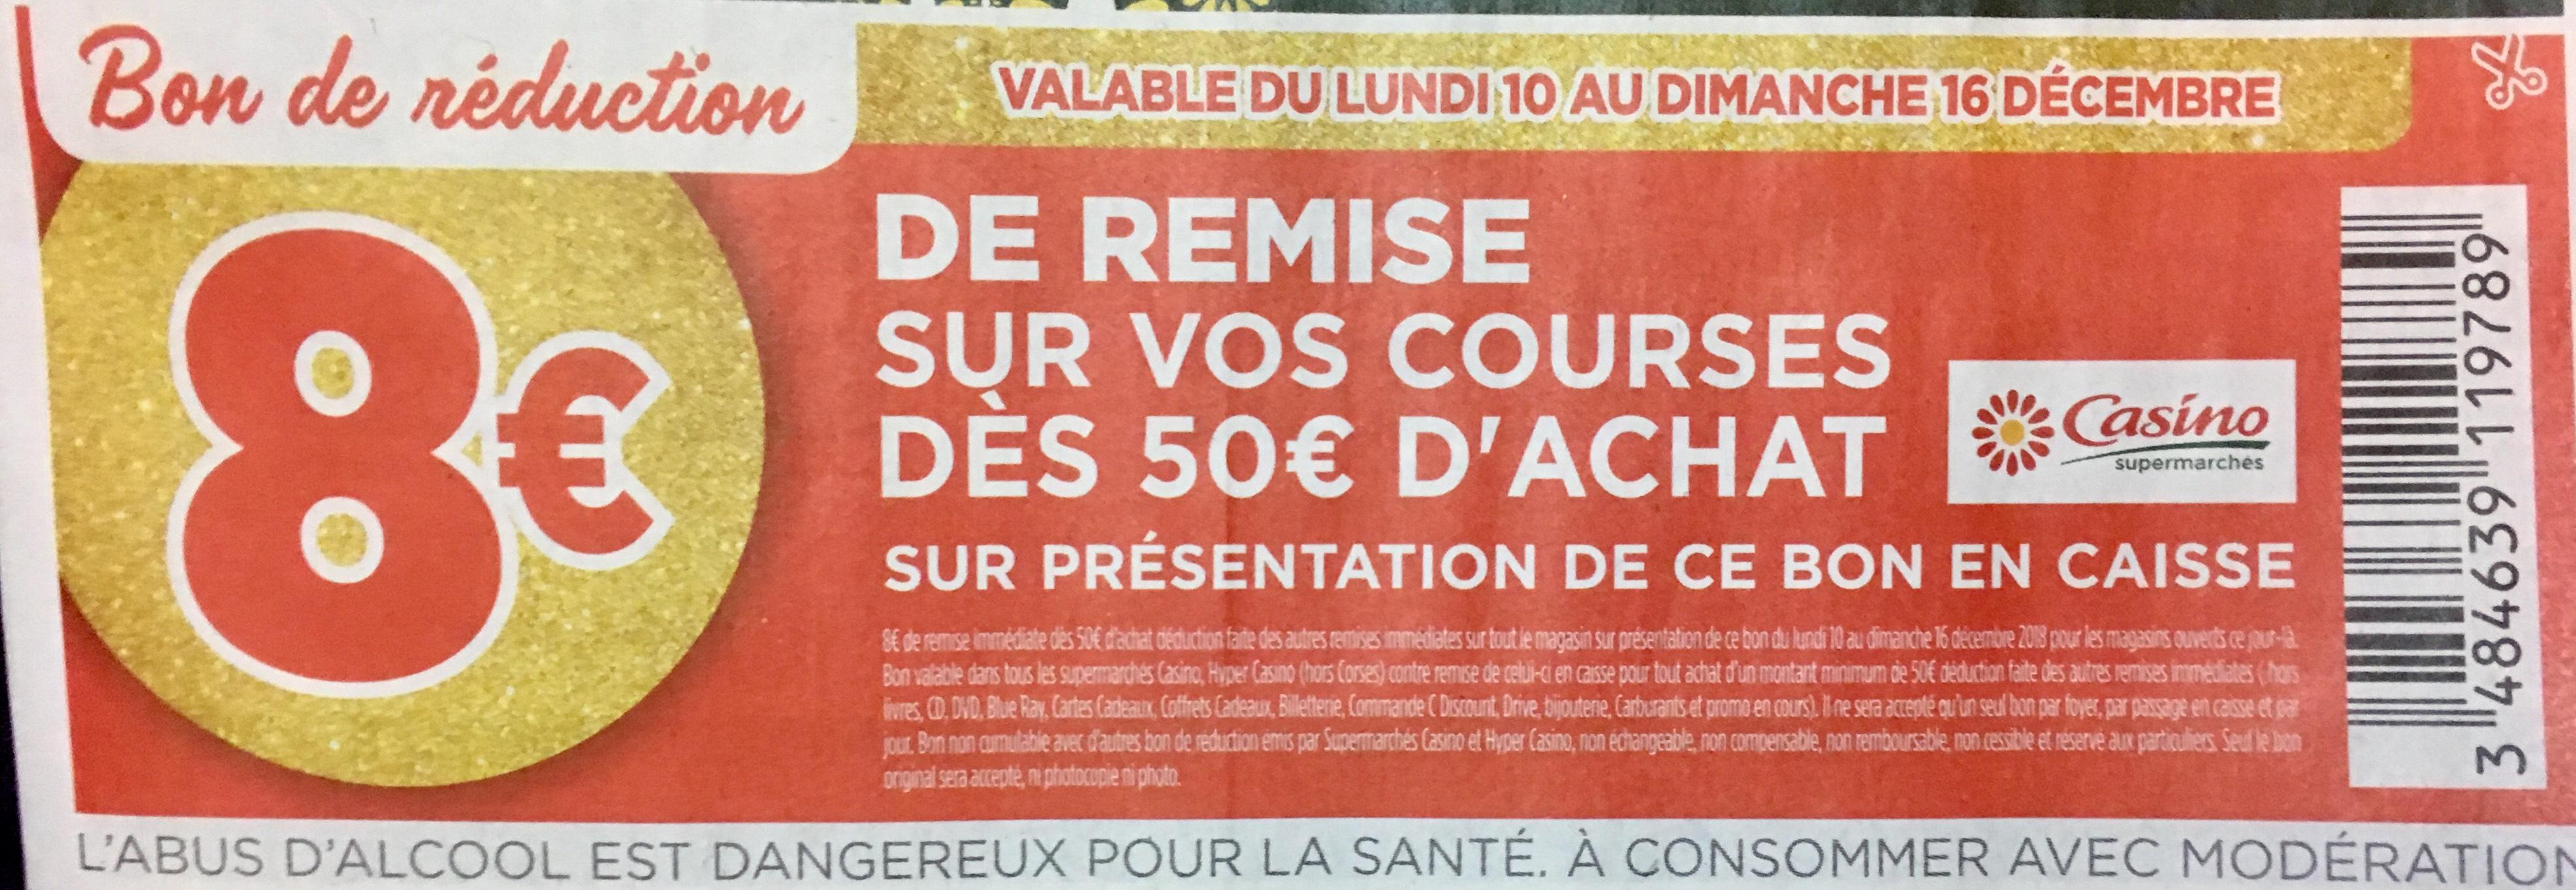 8€ ou 10€ de réduction dès 50€ d'achat / 15€ dès 80€ d'achat / 6€ dès 24 et 2€ dès 10